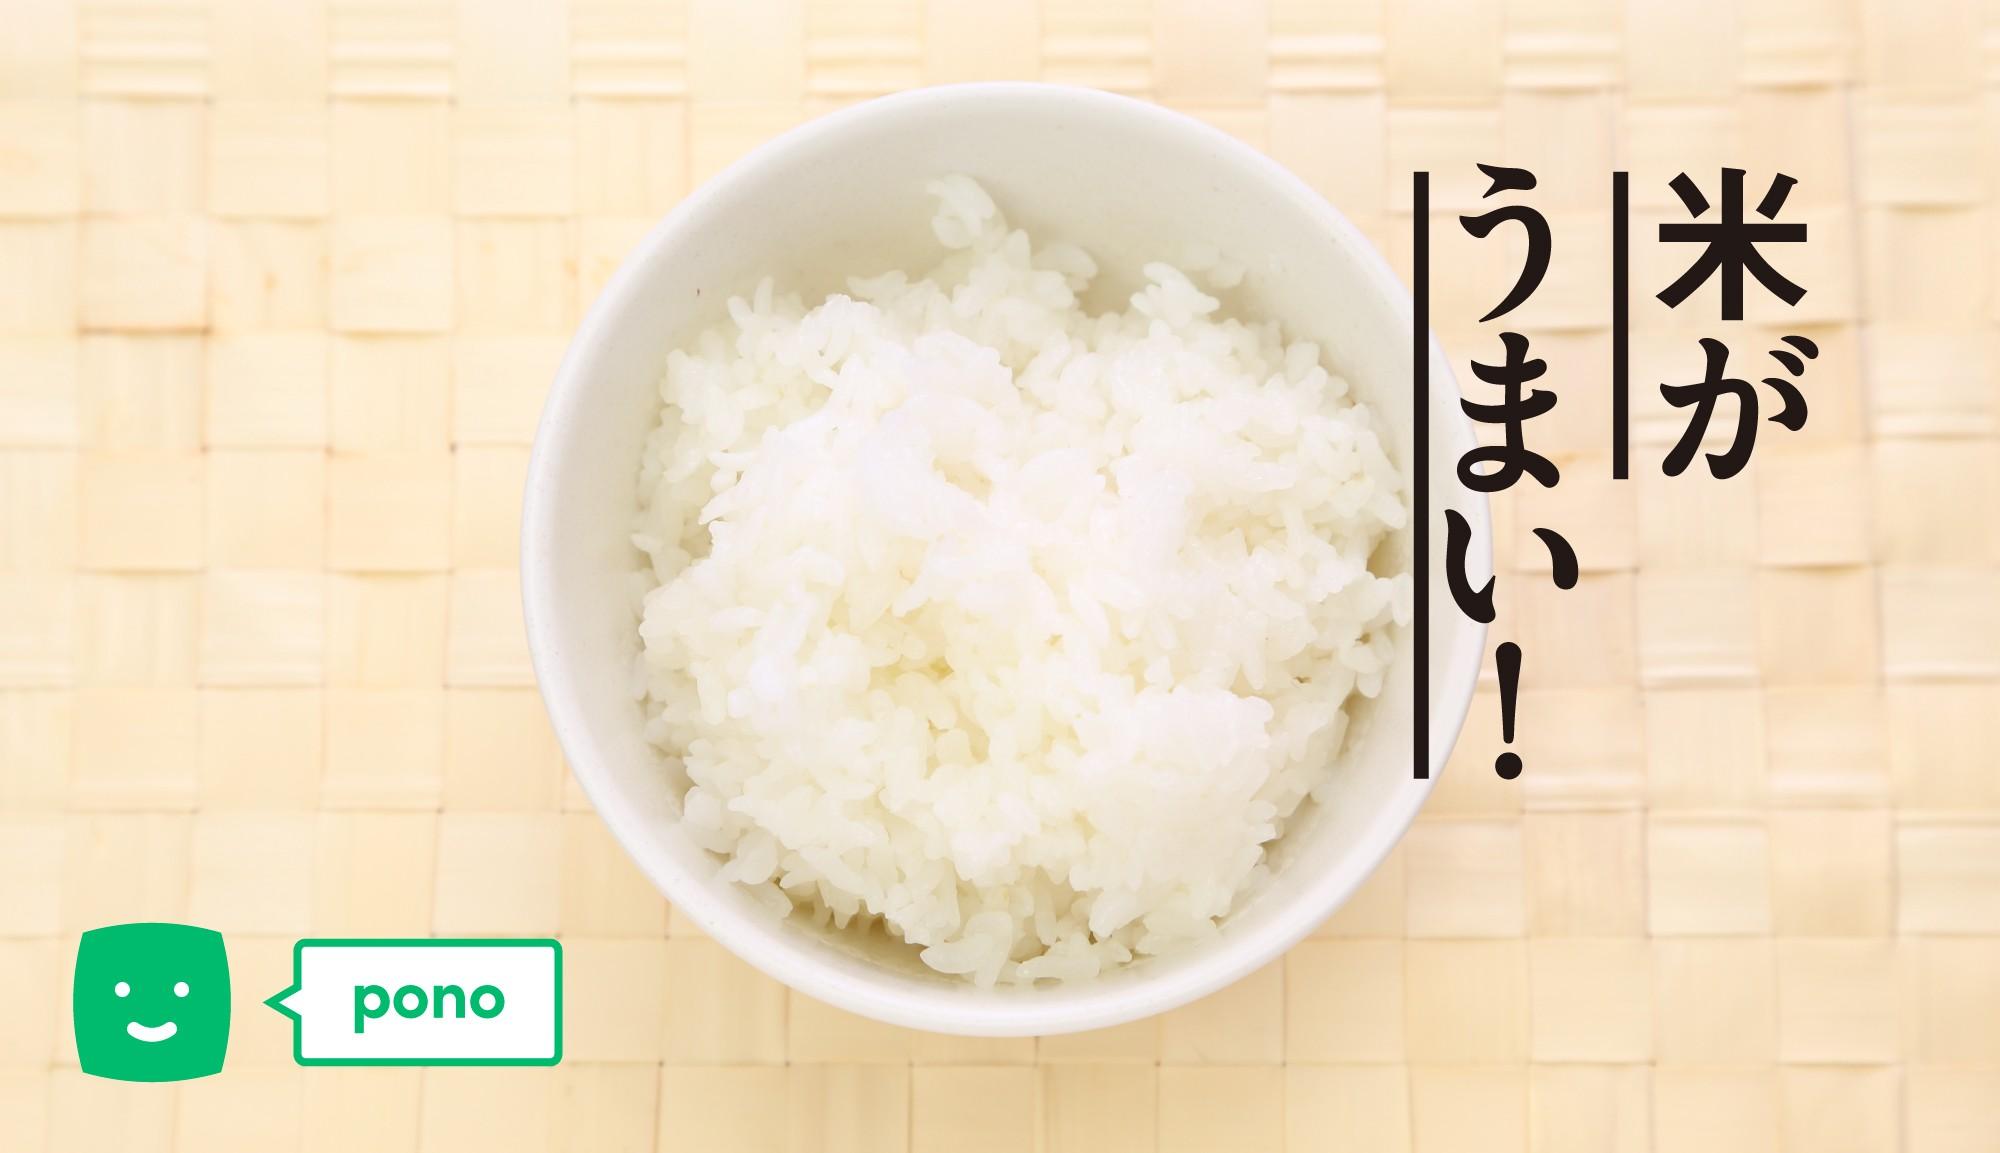 ろはこ米がなんかうまいぞ。